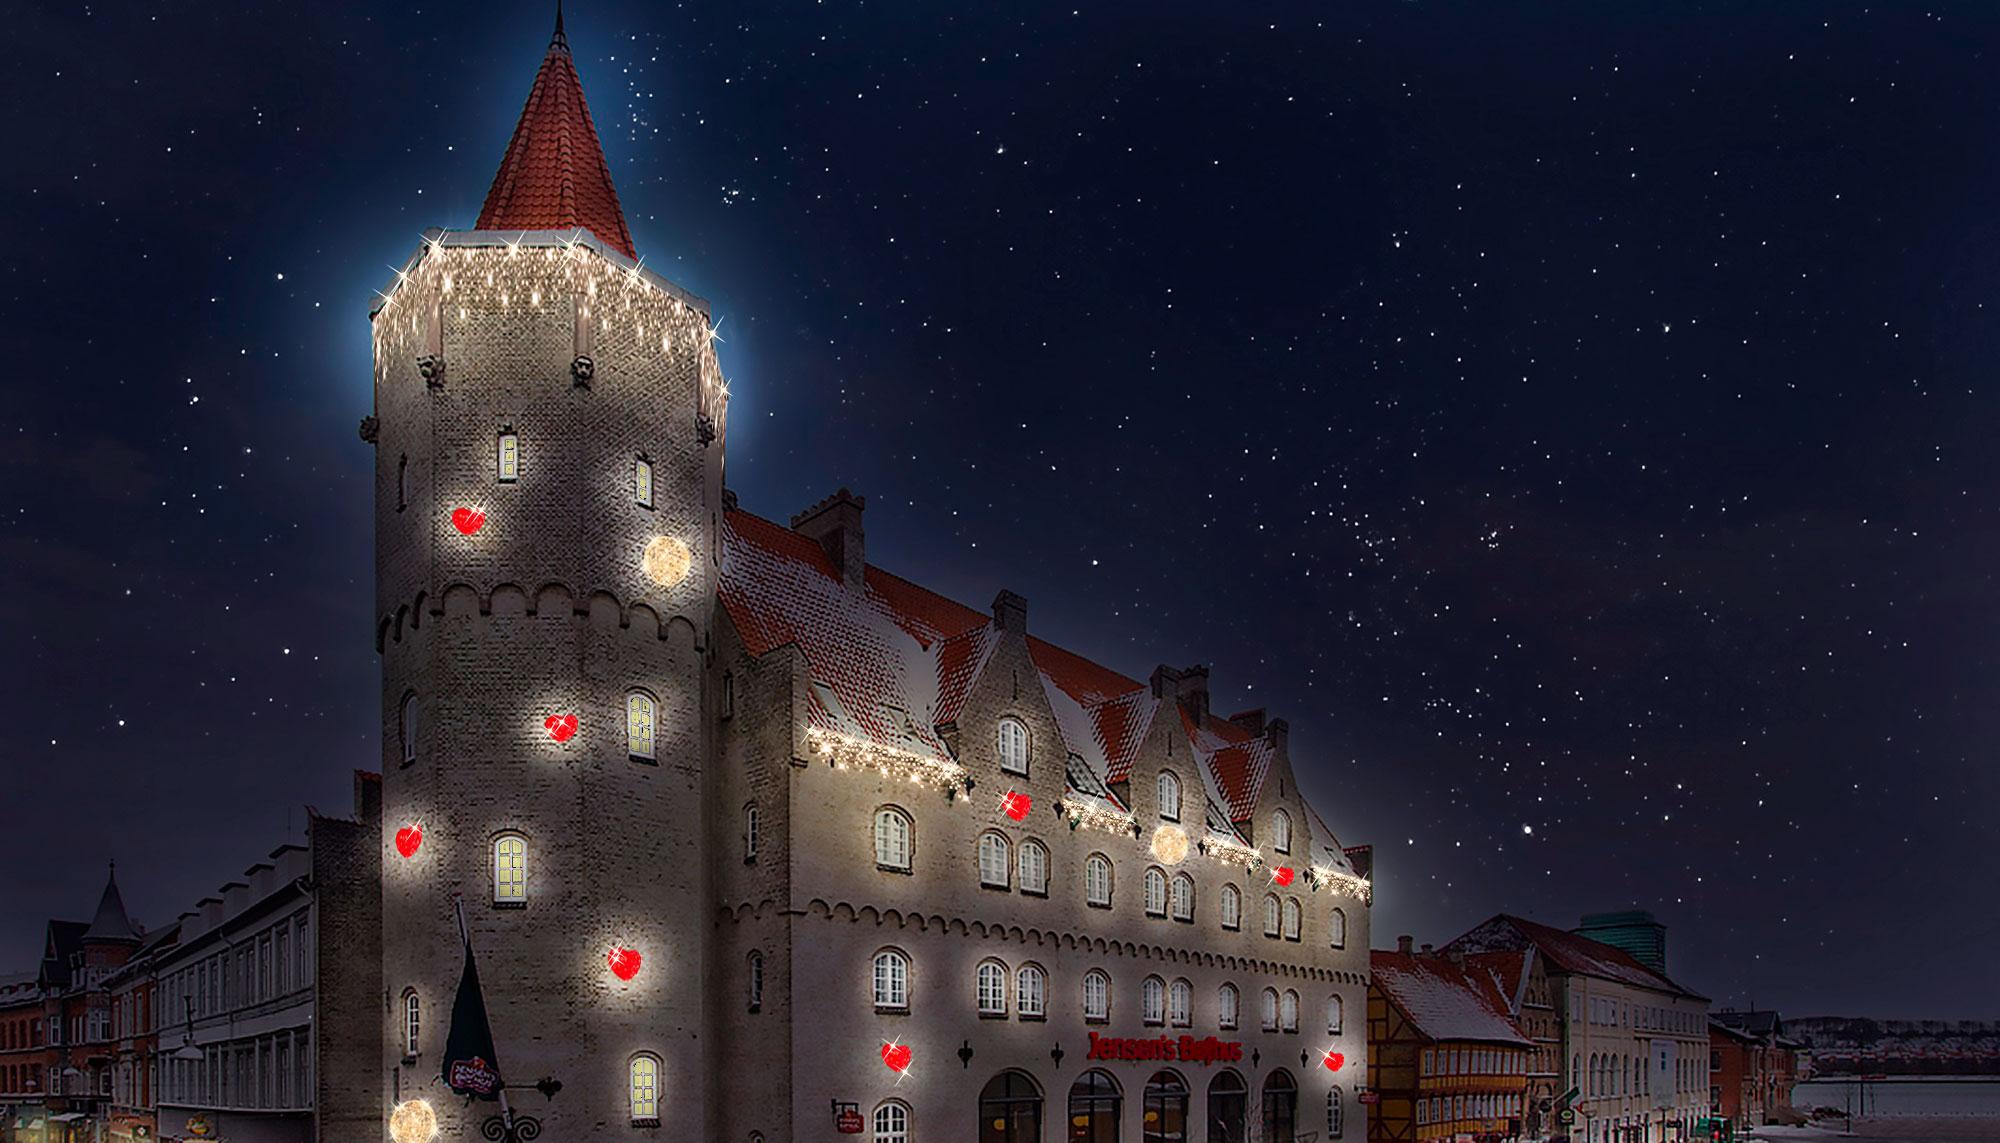 300 juletræer og masser af julelys: Juleudsmykningen i Aalborg bliver ekstra flot i år